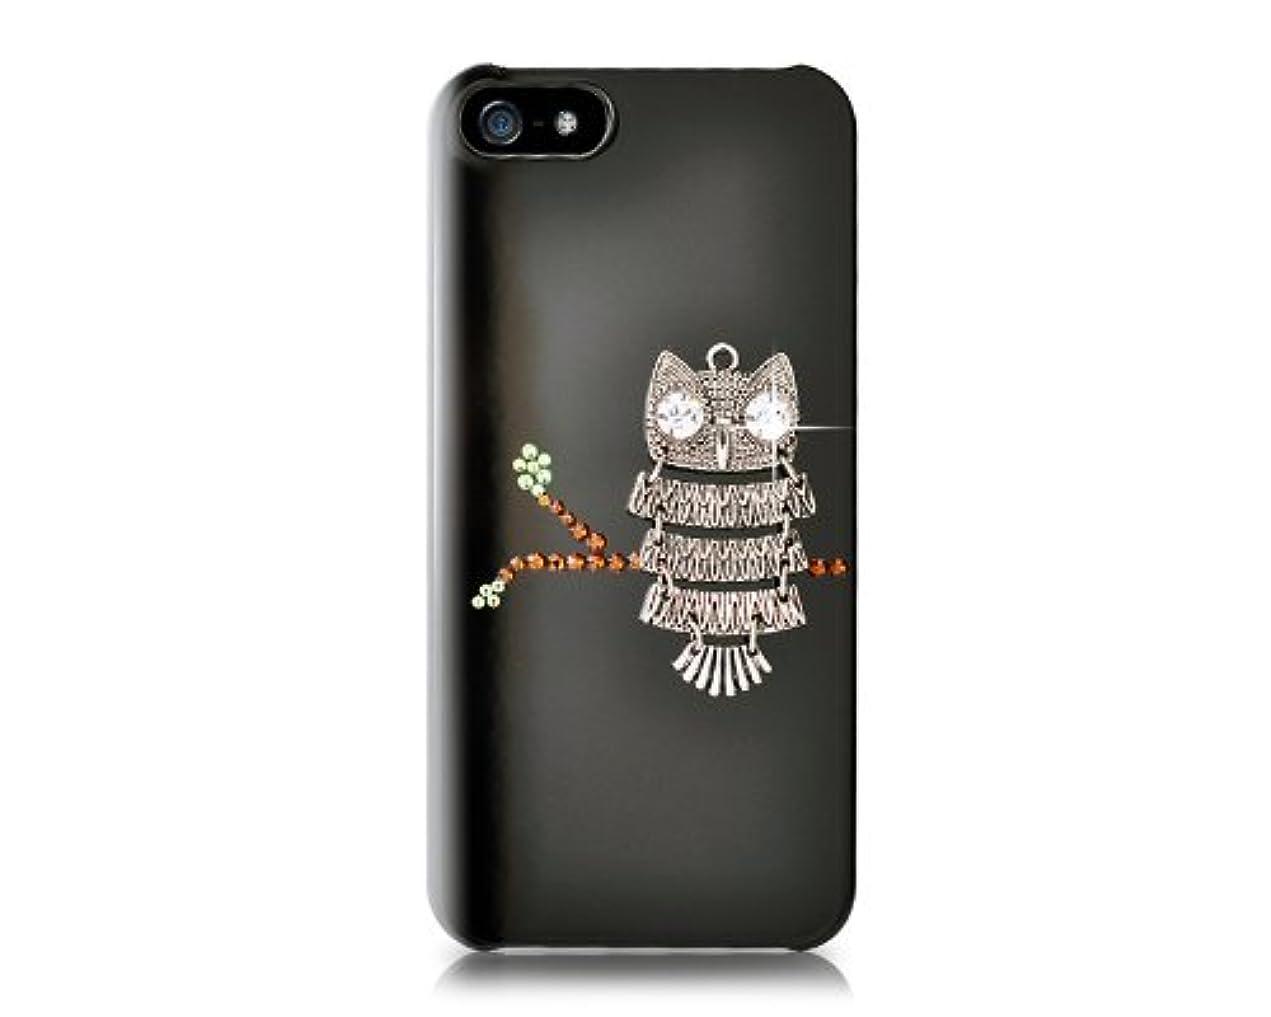 速度届ける信頼できるPlayBling 【iPhone 5/5s用クリスタルケース】 フクロウクリスタルケース OwlOnTree-IP5-BK